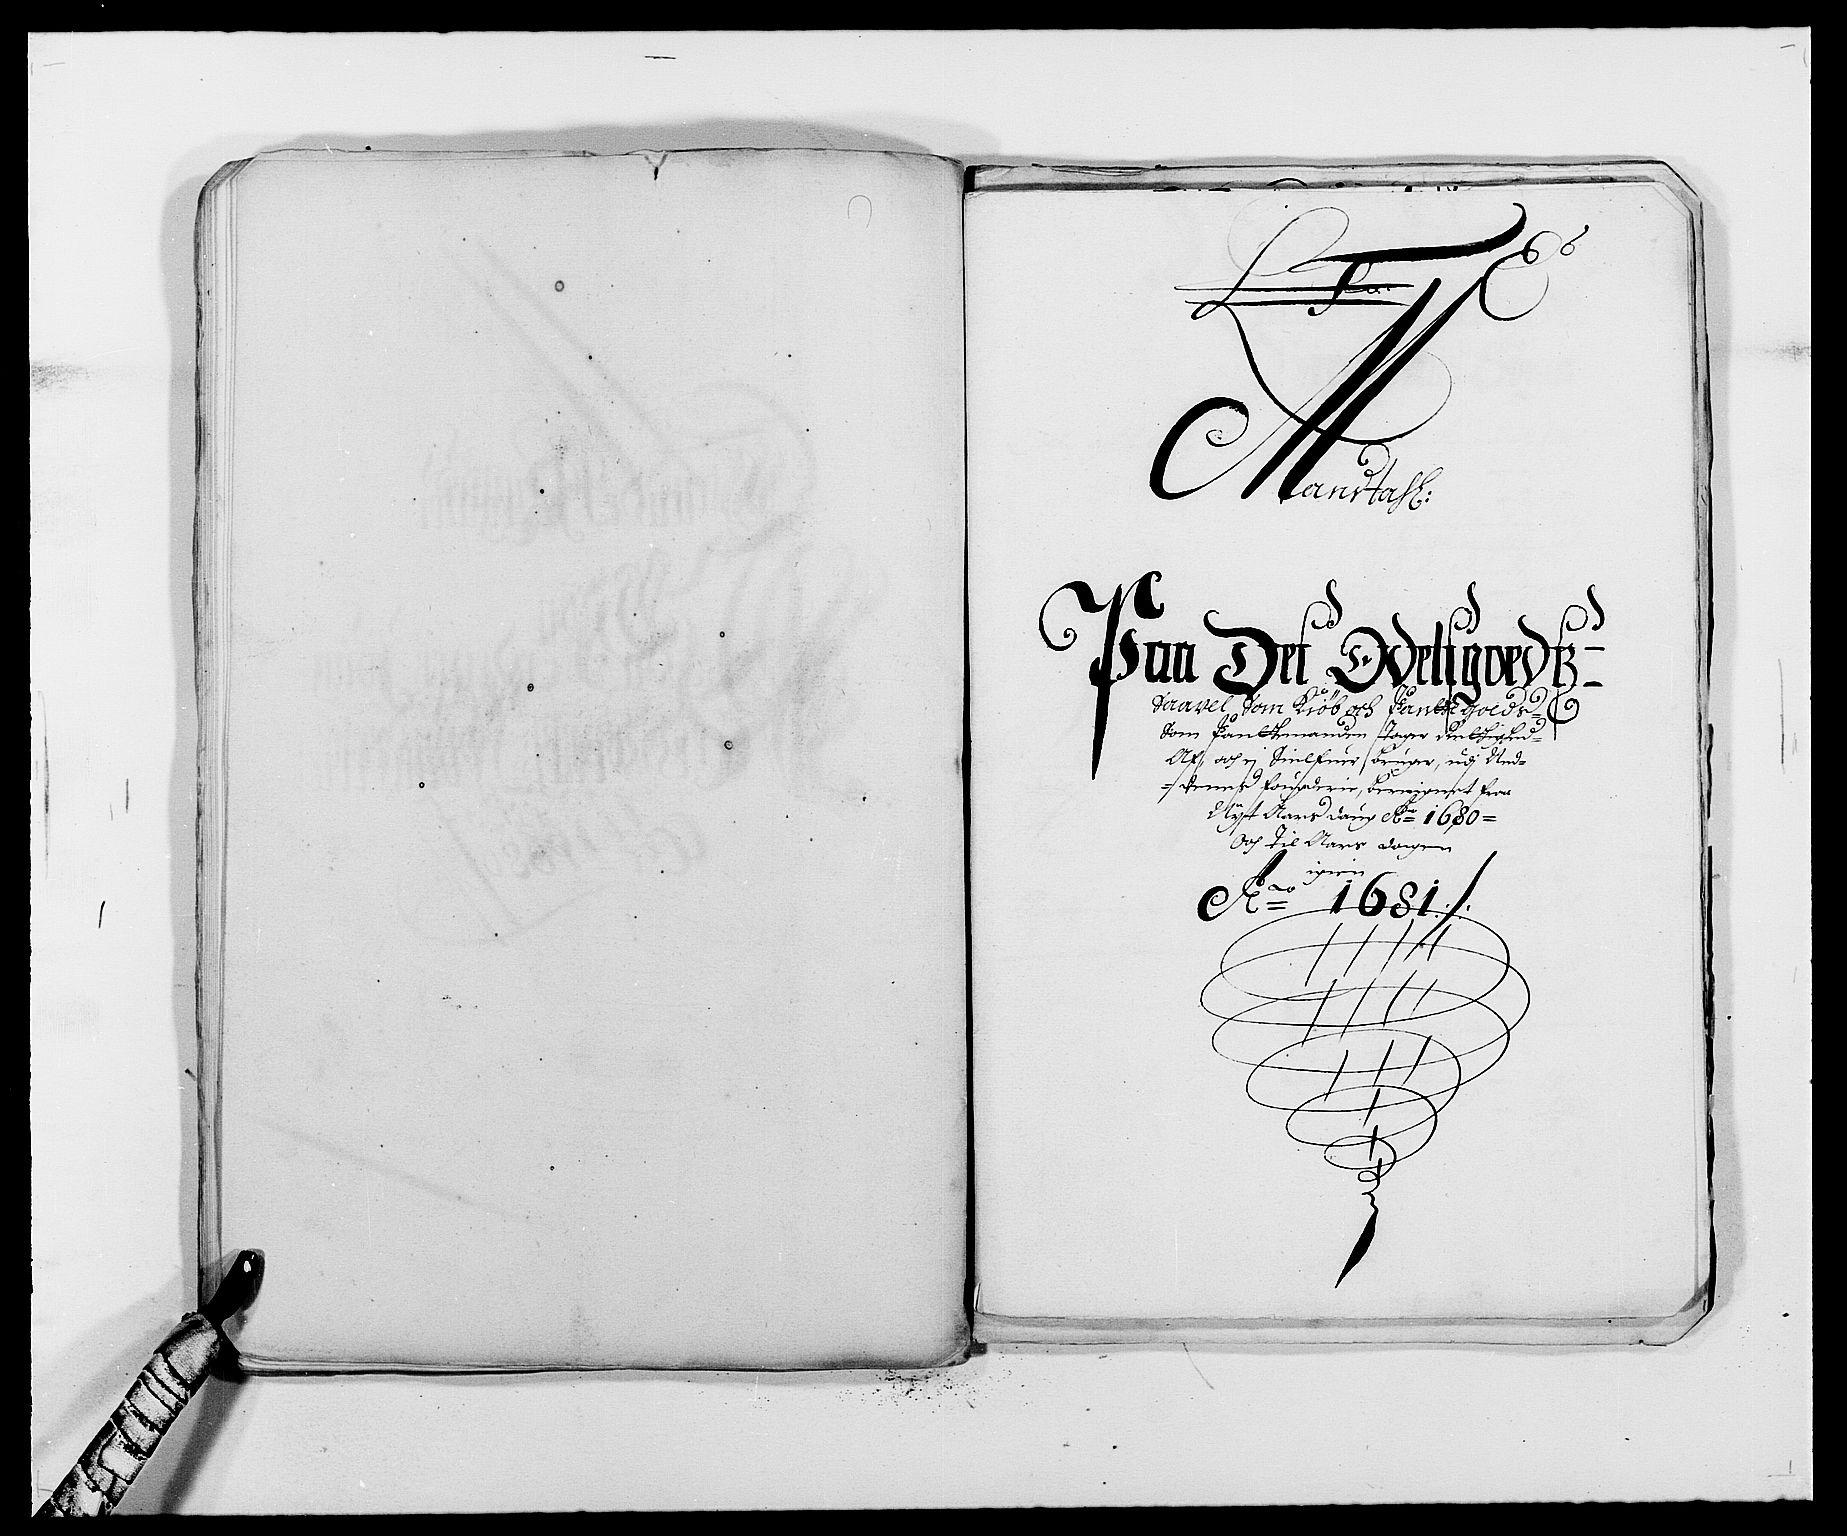 RA, Rentekammeret inntil 1814, Reviderte regnskaper, Fogderegnskap, R39/L2304: Fogderegnskap Nedenes, 1680-1682, s. 100